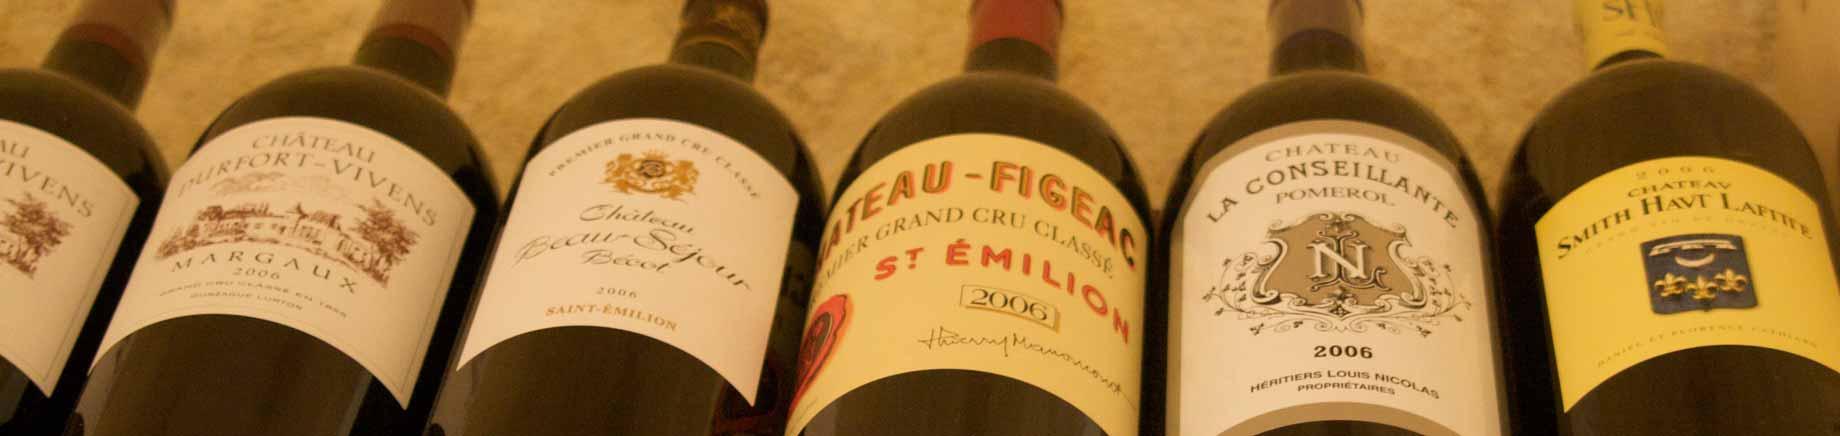 Bouteille De Vin Rouge Beautiful Bouteille Vin Rouge Fond Noir Et